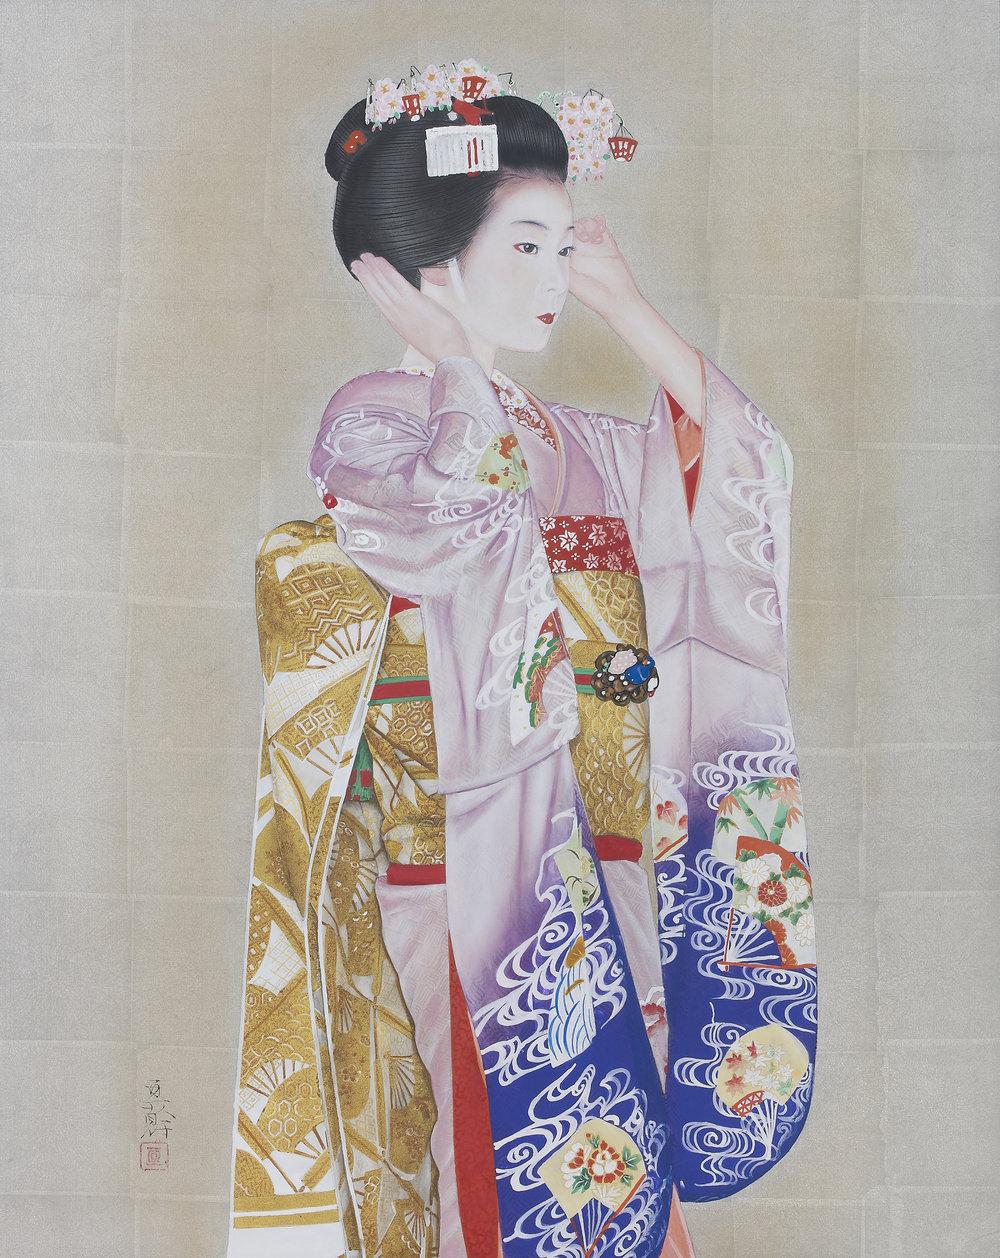 Nobuyoshi Aoyama 'A Crown of Sakura' 2018